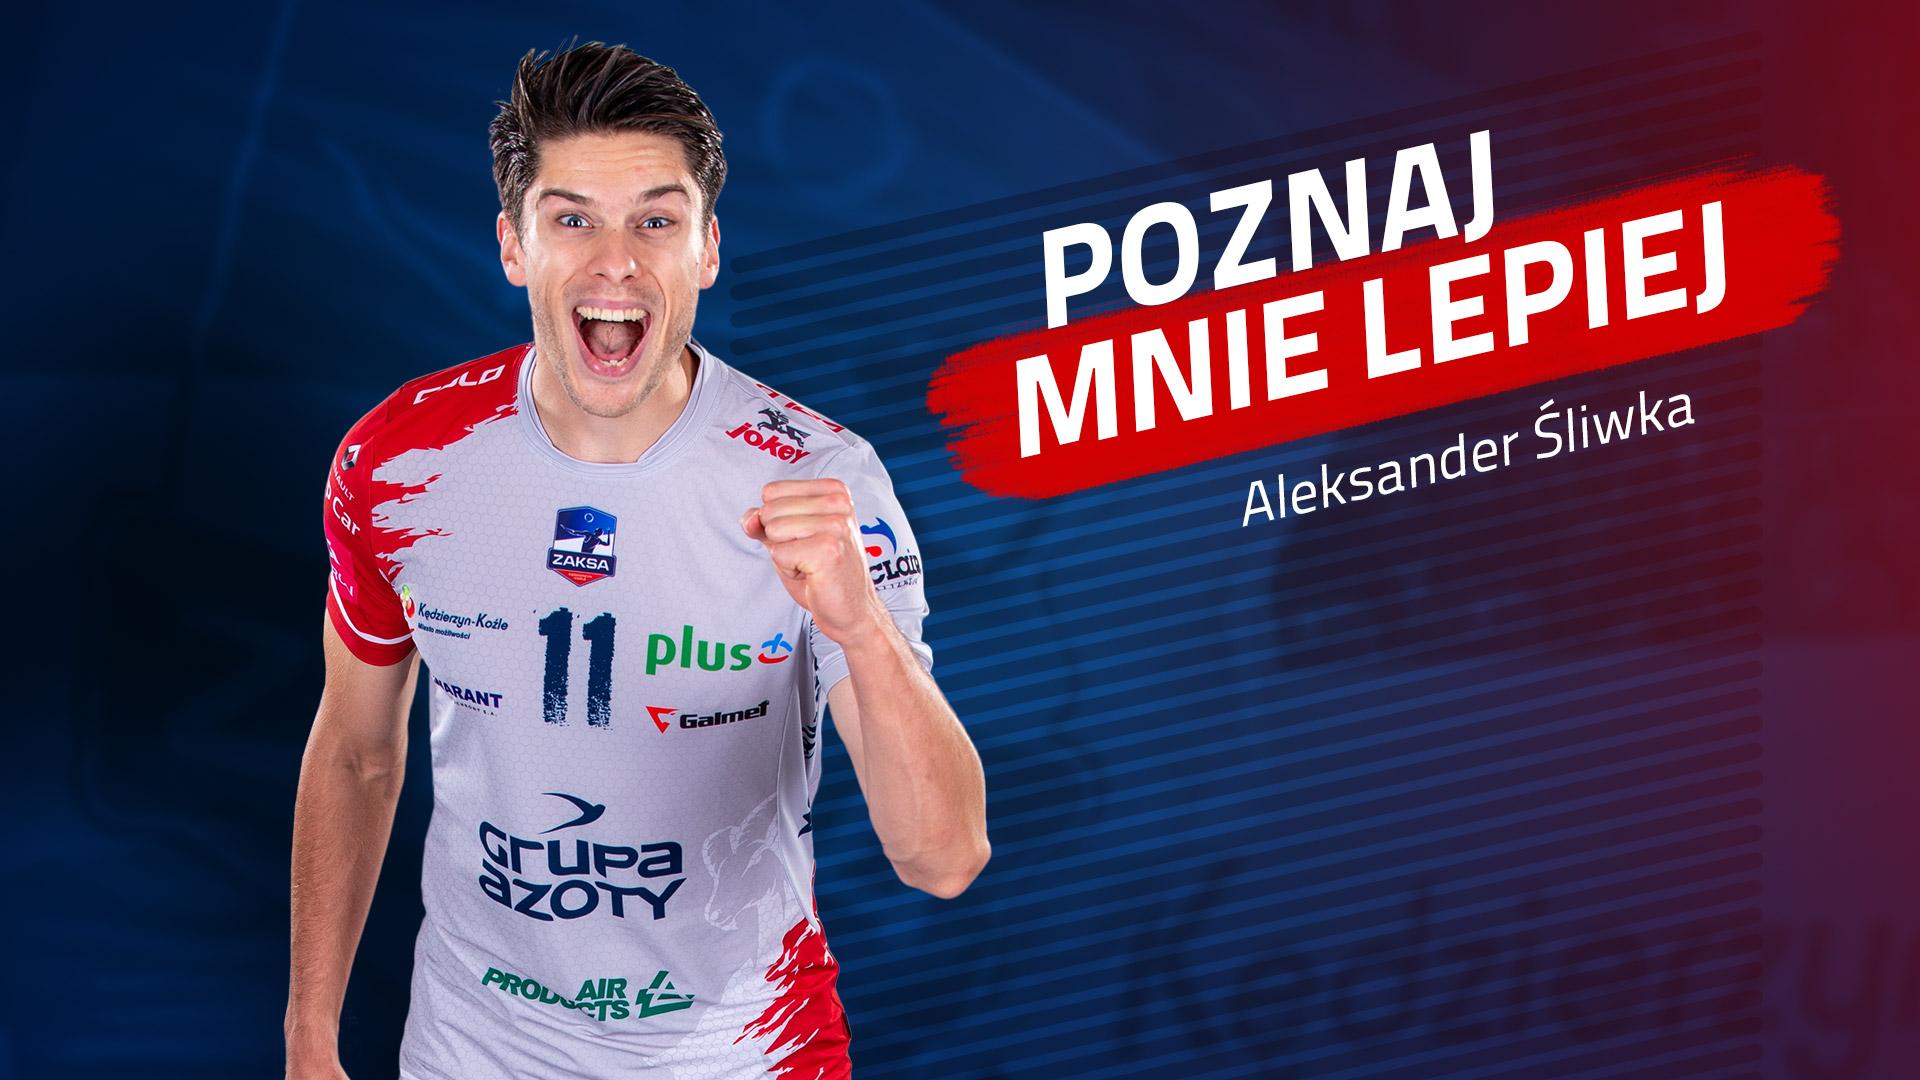 Poznaj mnie lepiej: Aleksander Śliwka